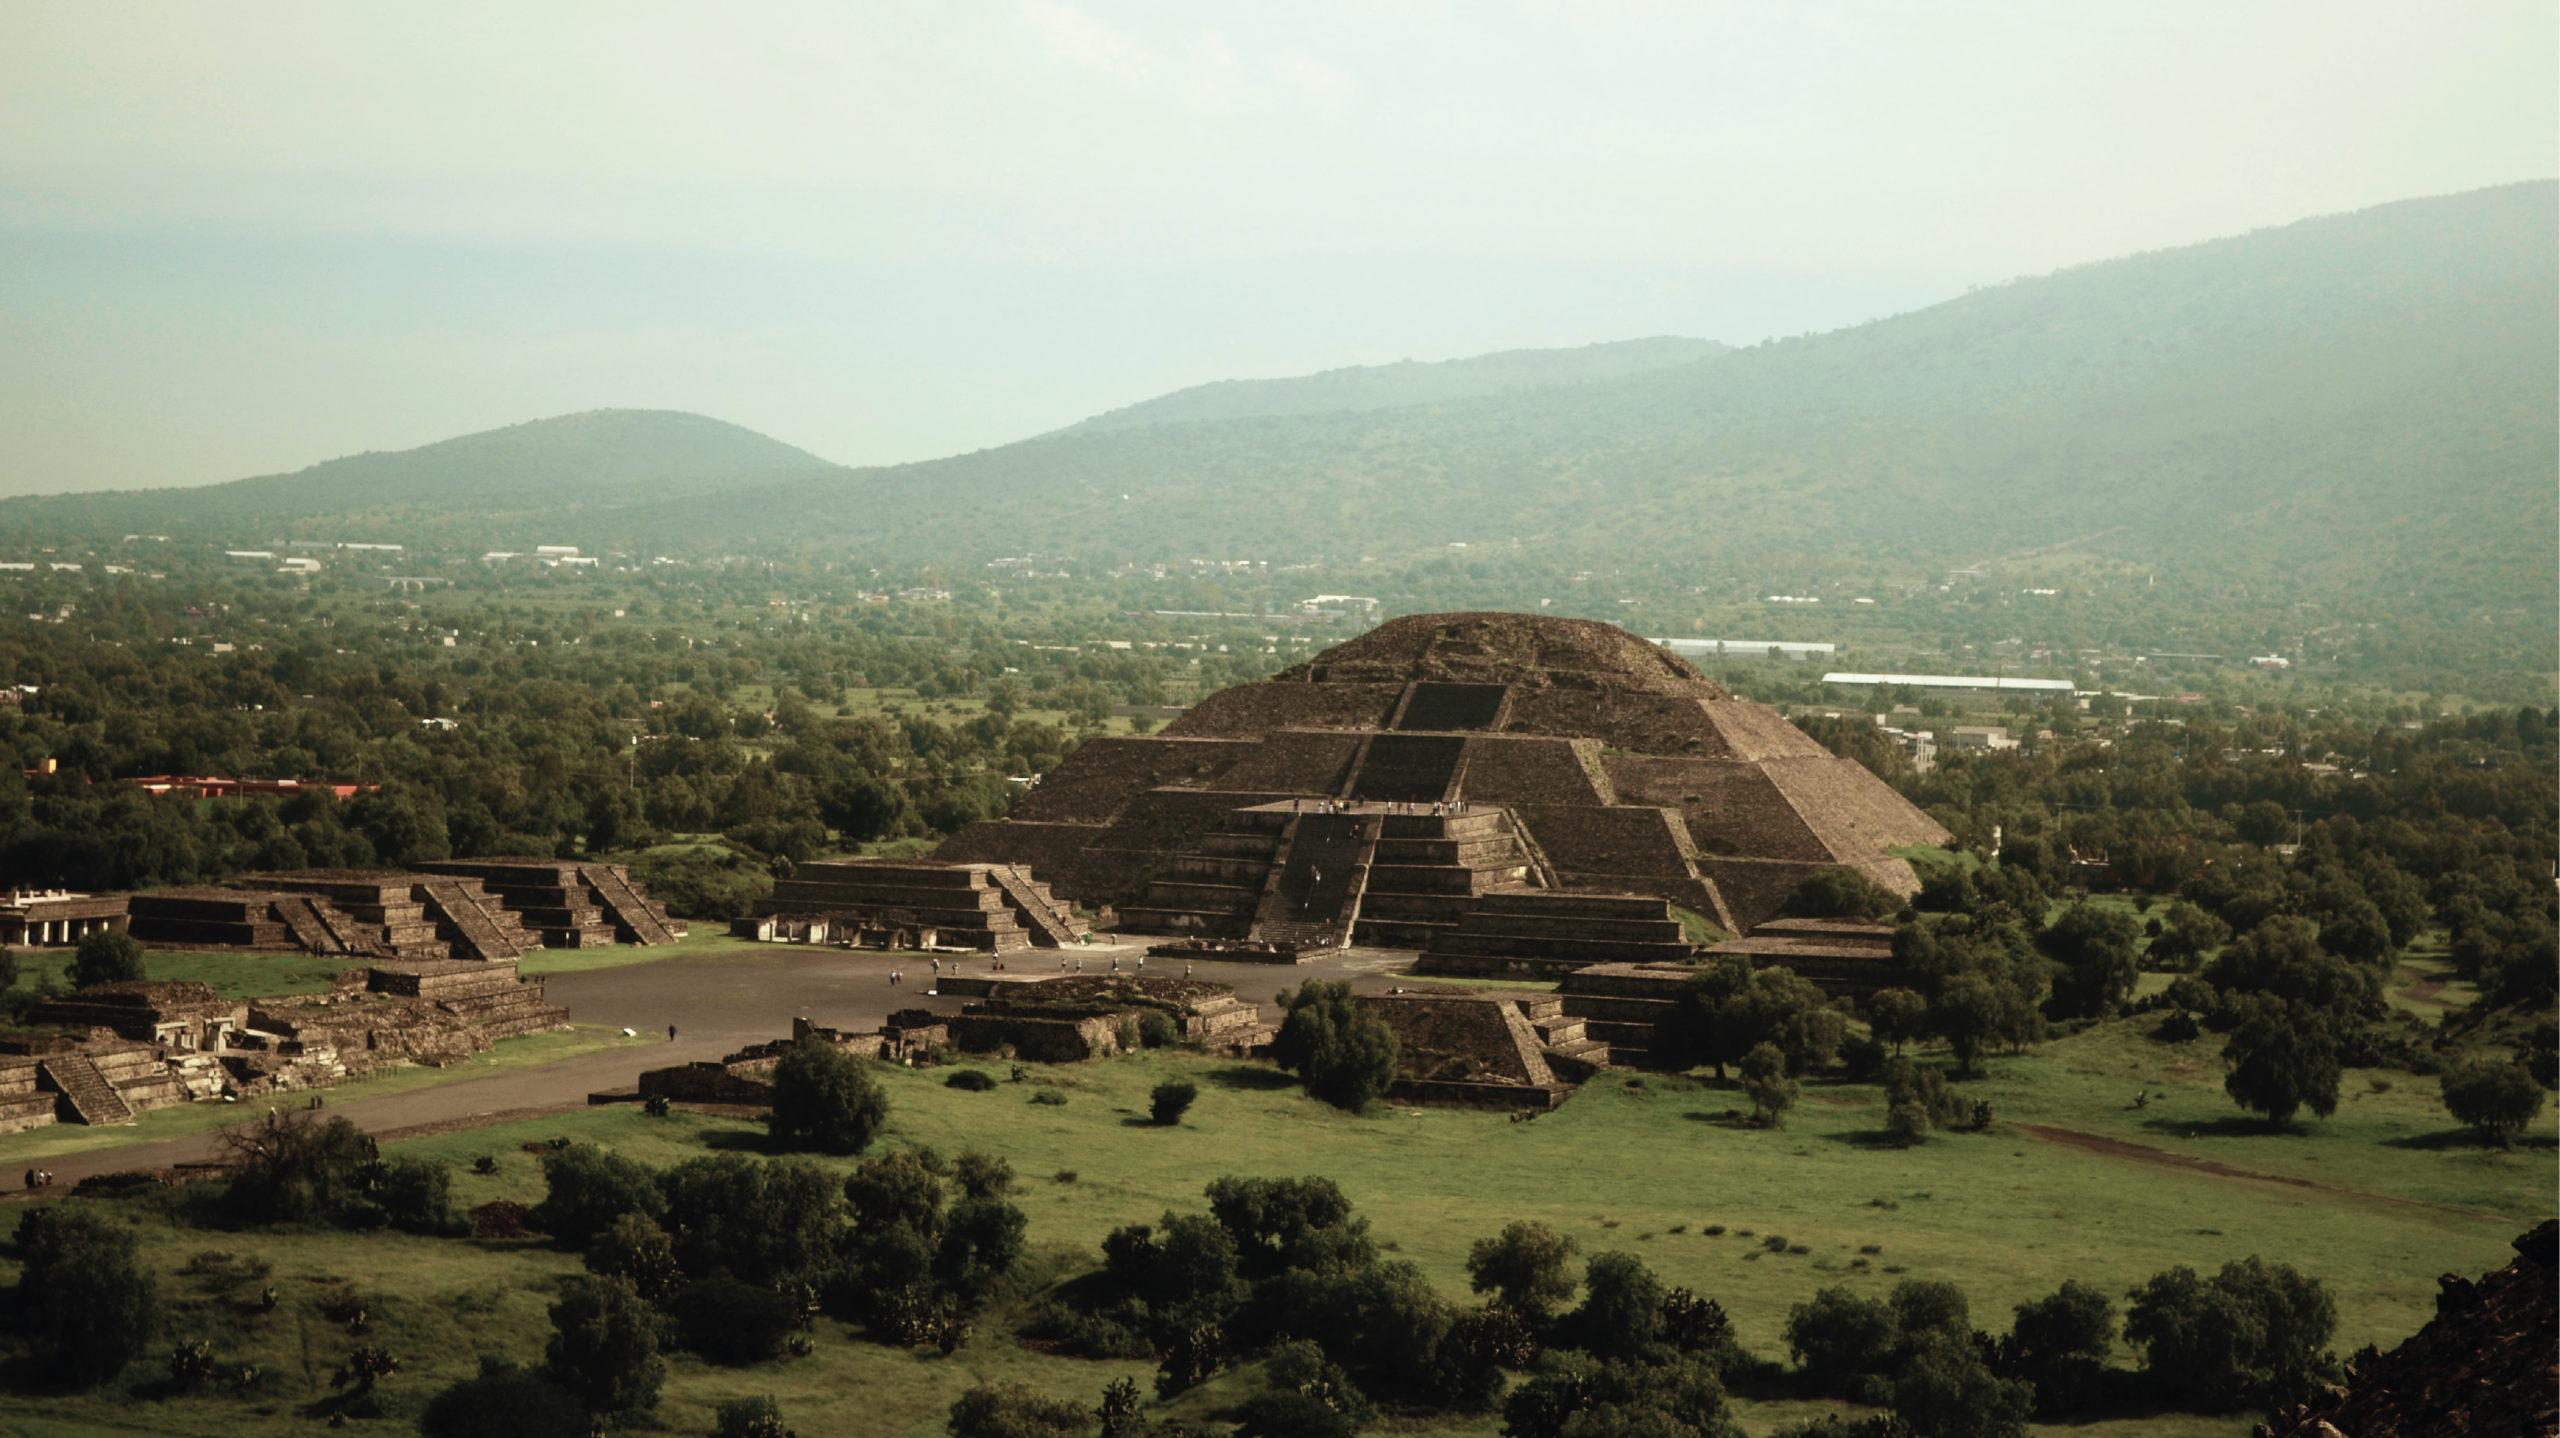 Tesoro bajo la pirámide de Teotihuacán arroja nueva luz sobre antiguos rituales